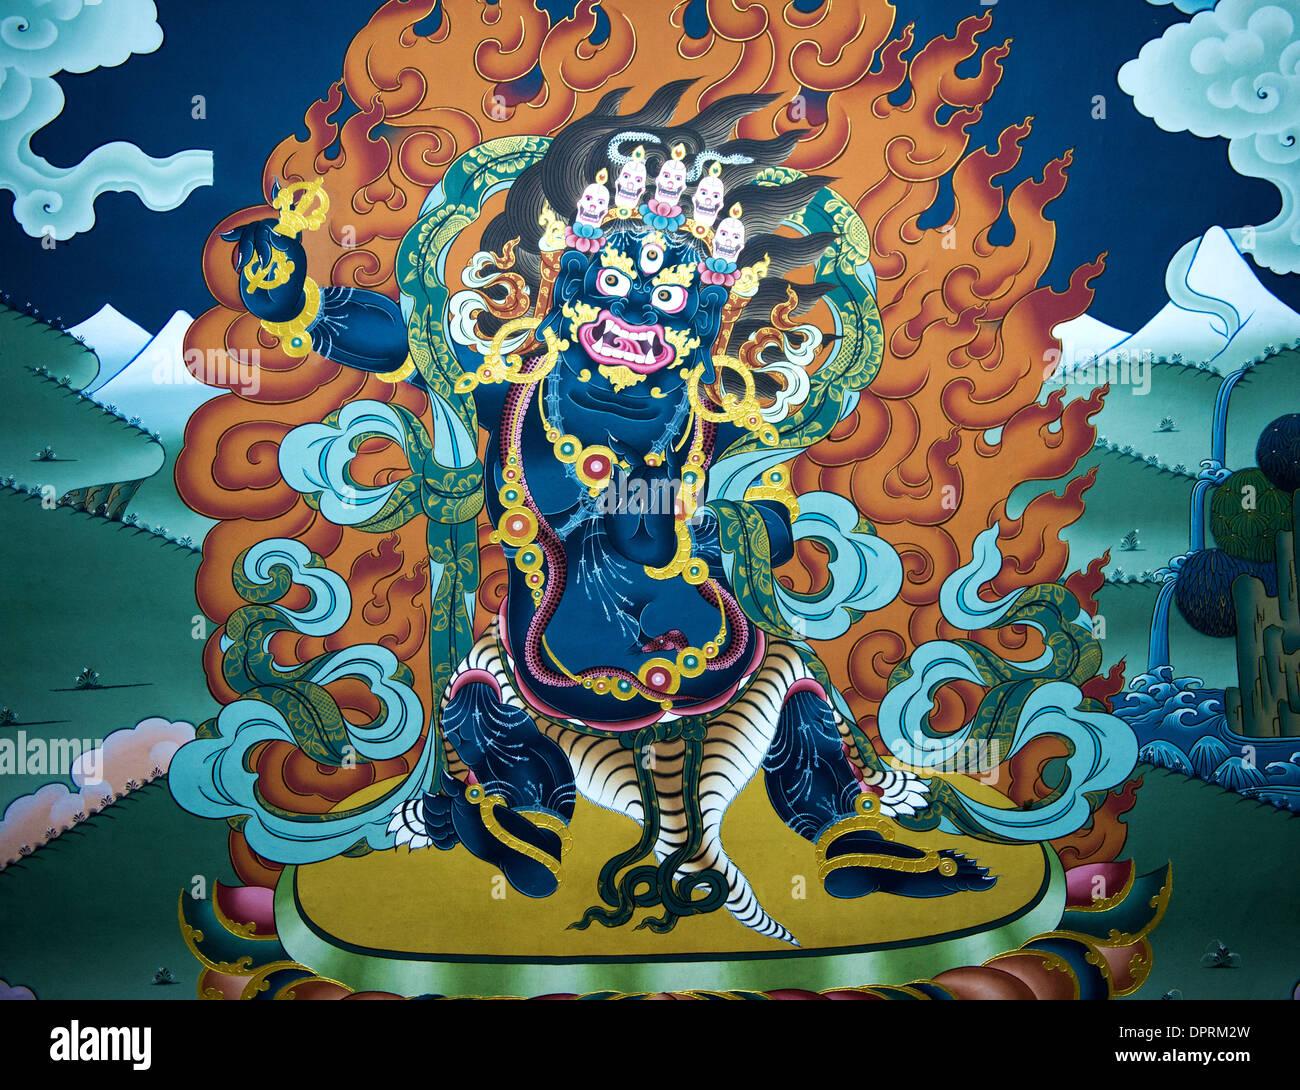 Wandmalereien von Motiven aus der buddhistischen Mythologie in der Trashi Chhoe Dzong oder Thimphu Dzong, Thimphu, Bhutan Stockbild